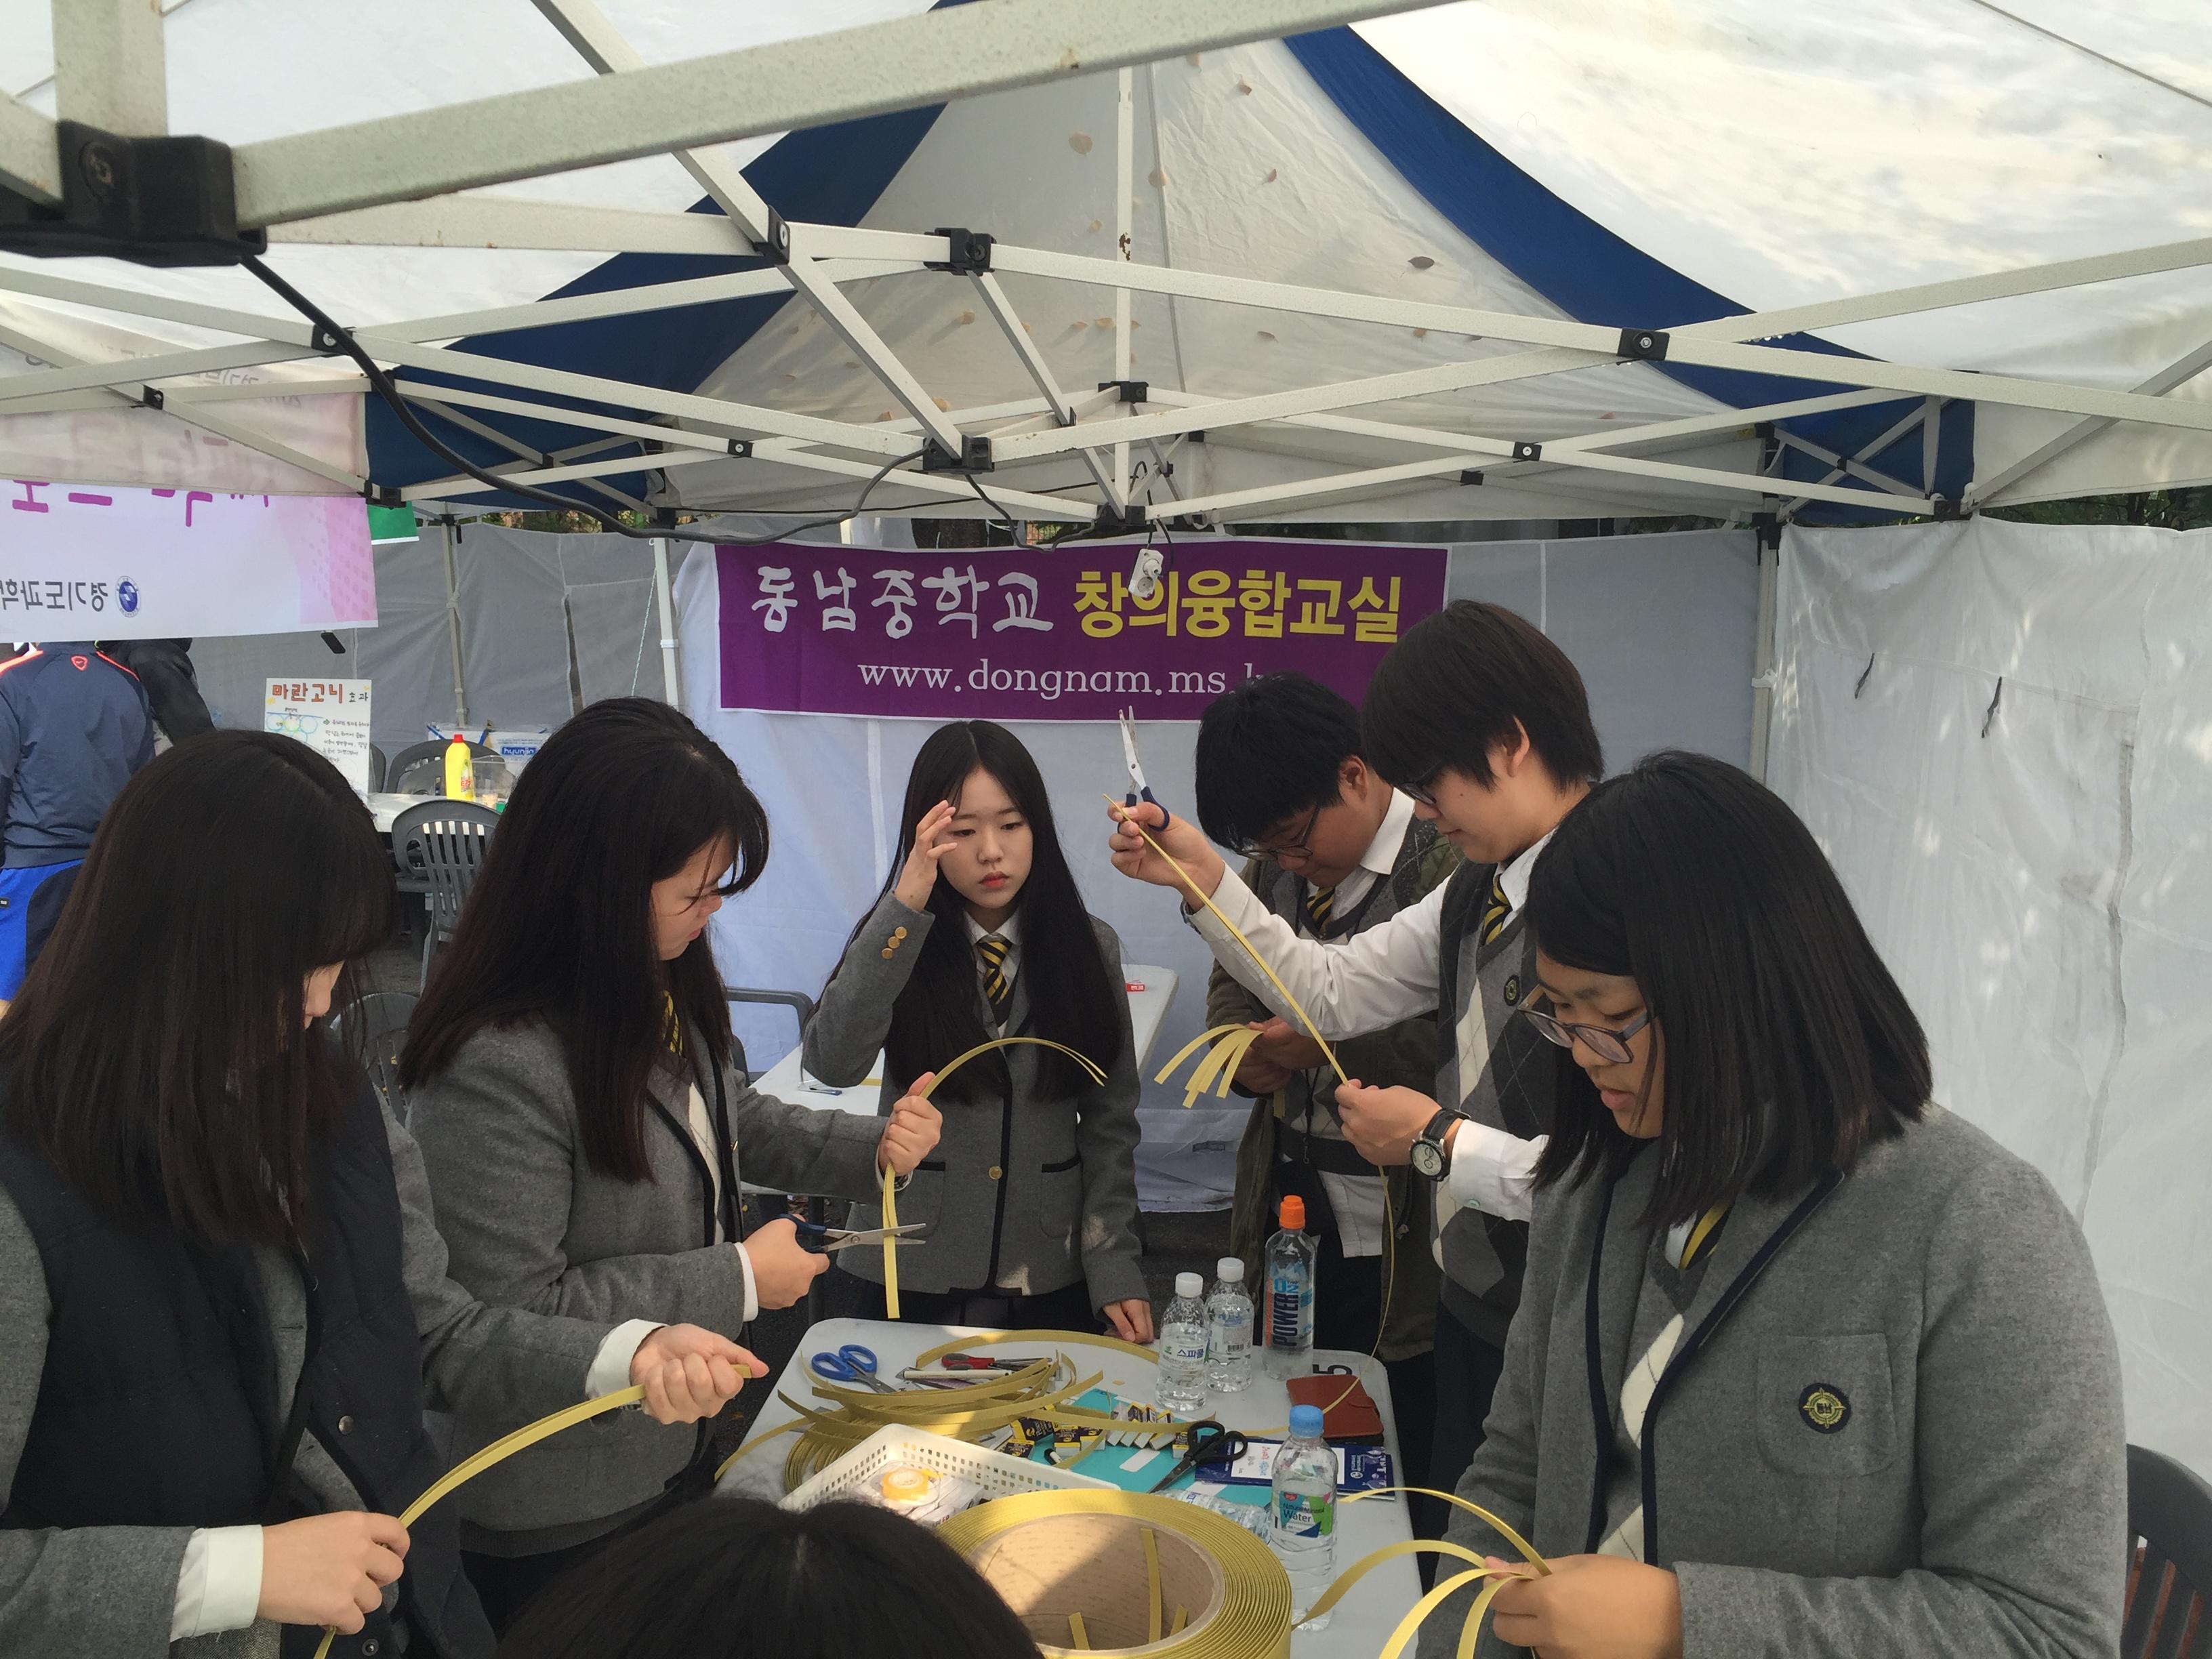 [일반] 2015 경기북부 과학문화행사 부스운영의 첨부이미지 2